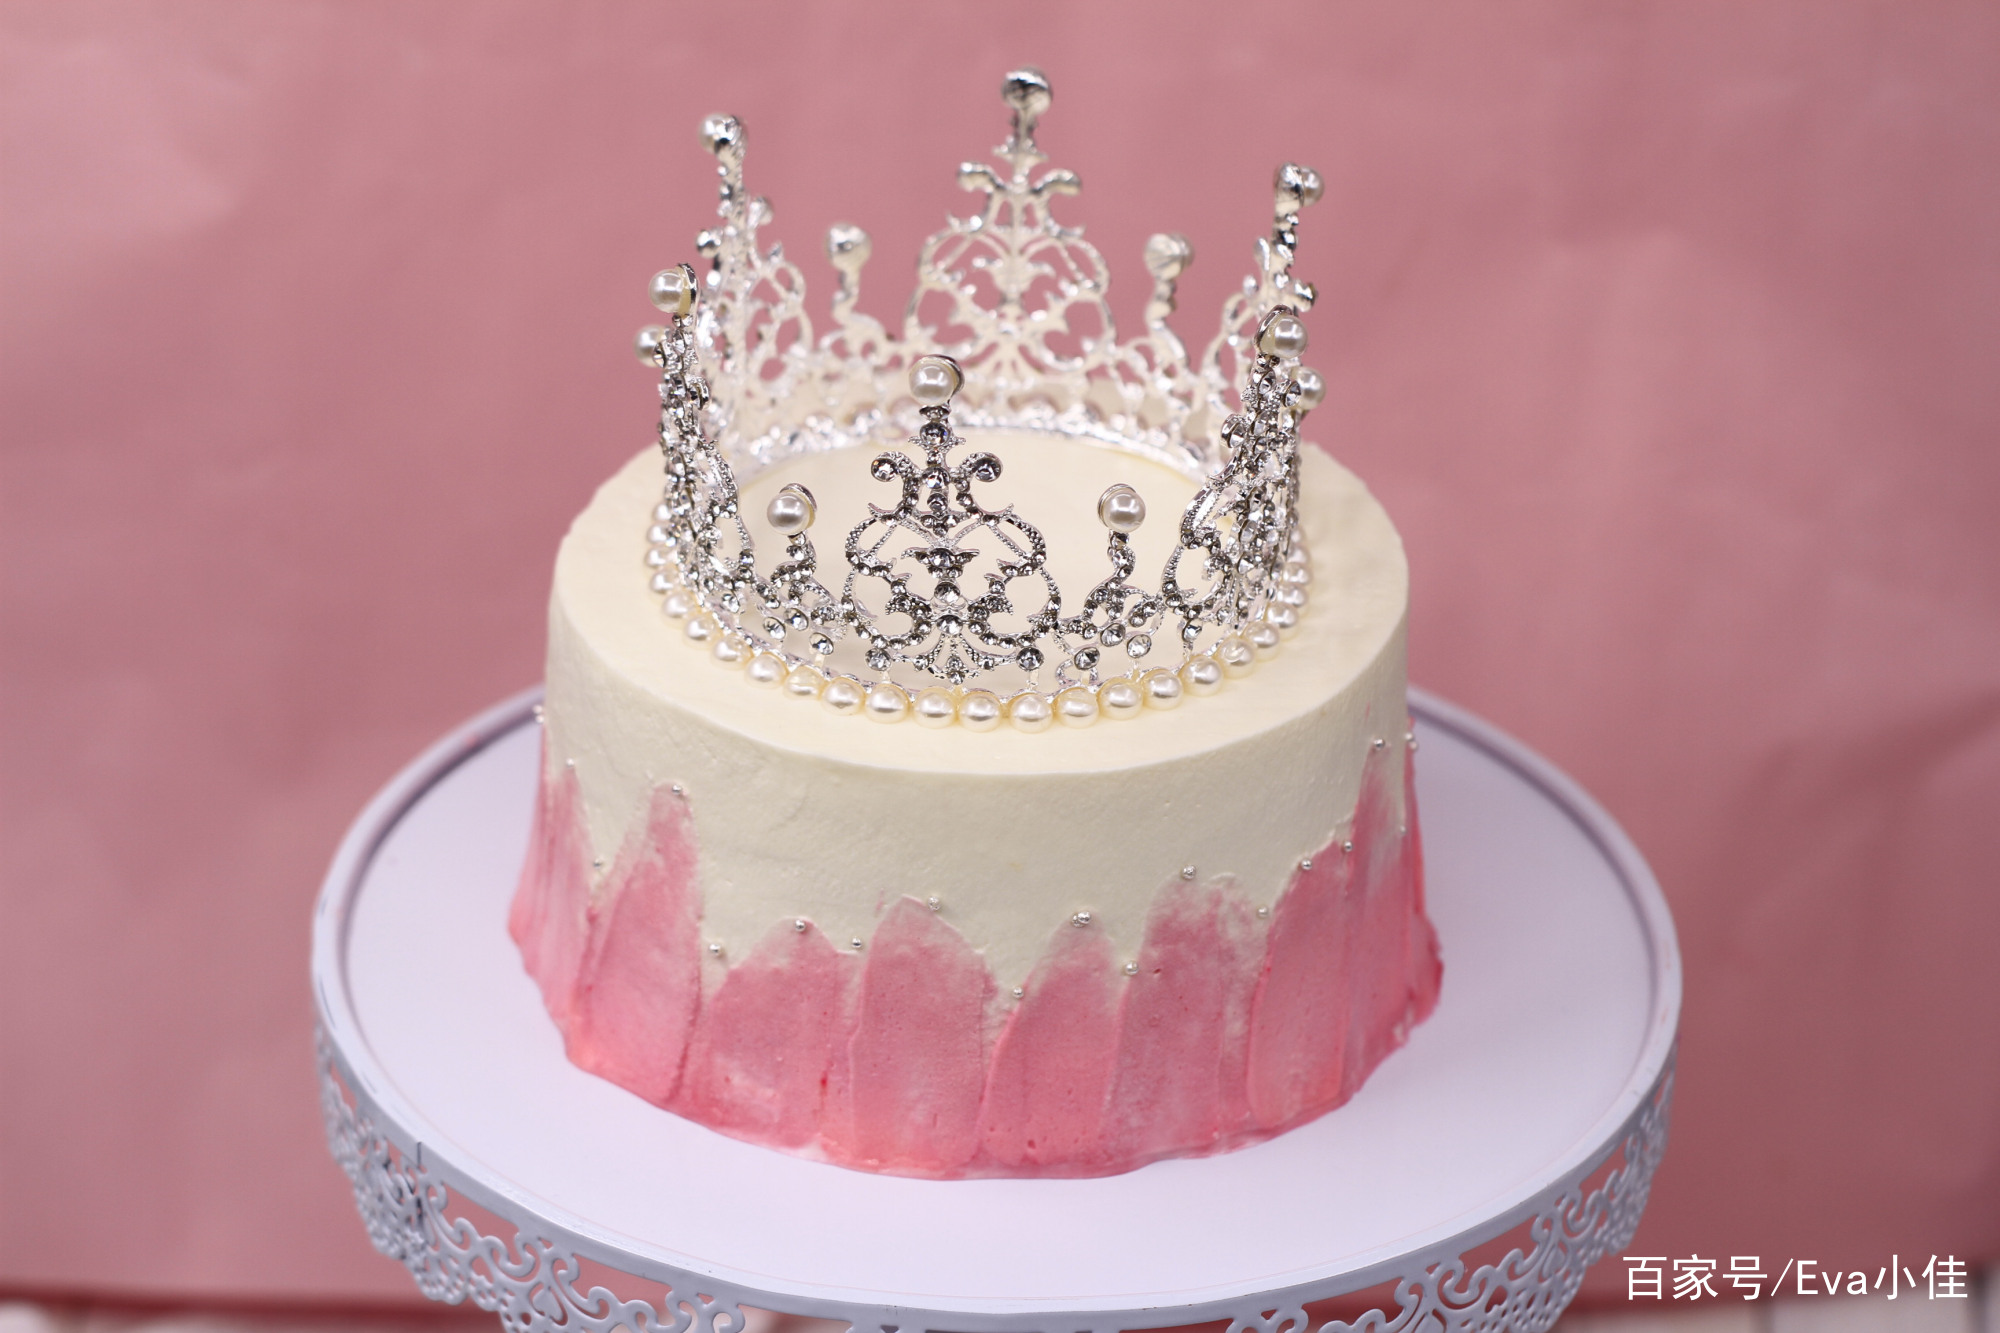 女王皇冠蛋糕,做自己的女王!